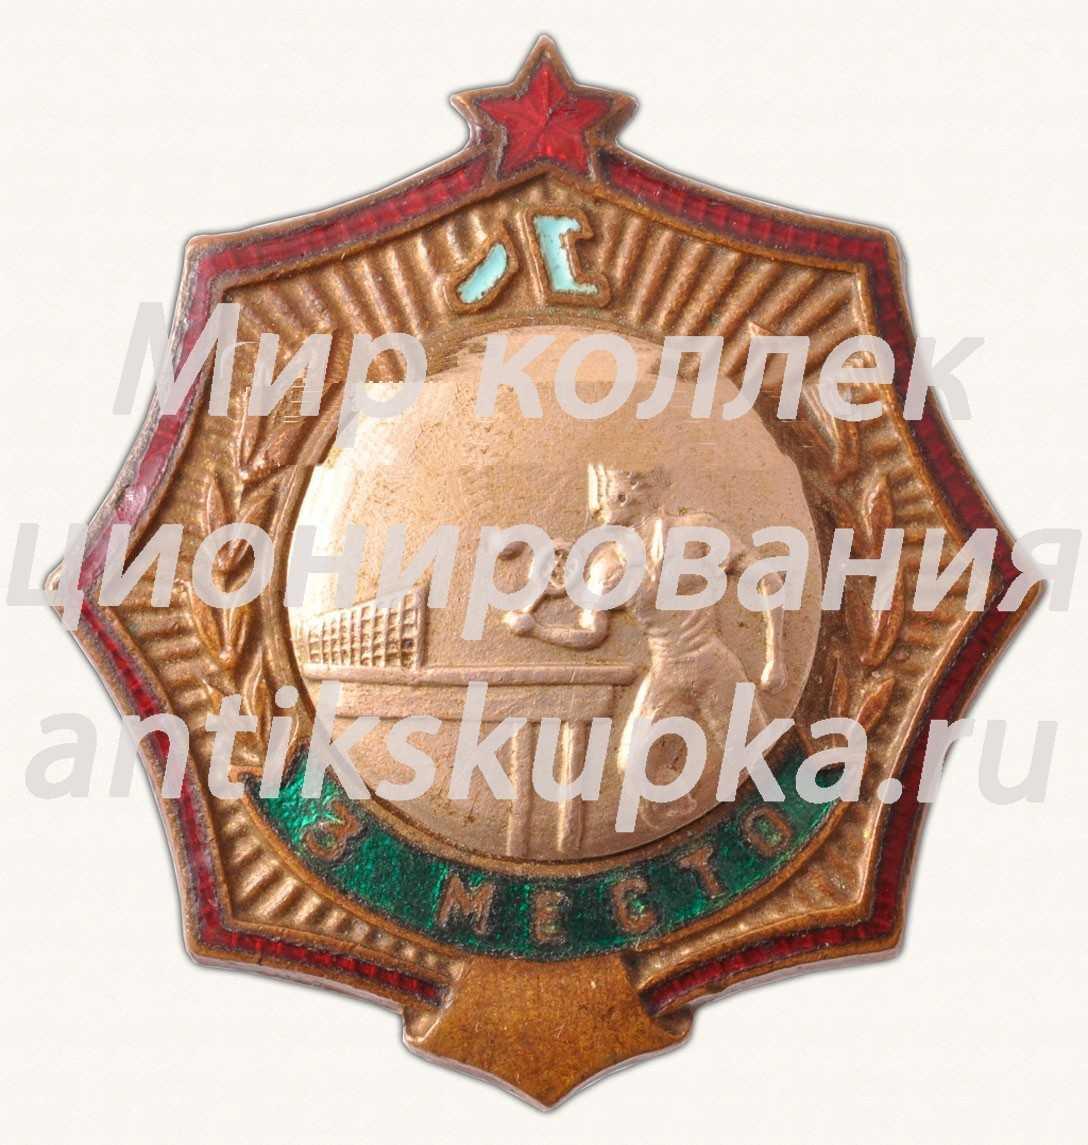 Знак за 3 место в первенстве Ленинграда. Настольный теннис